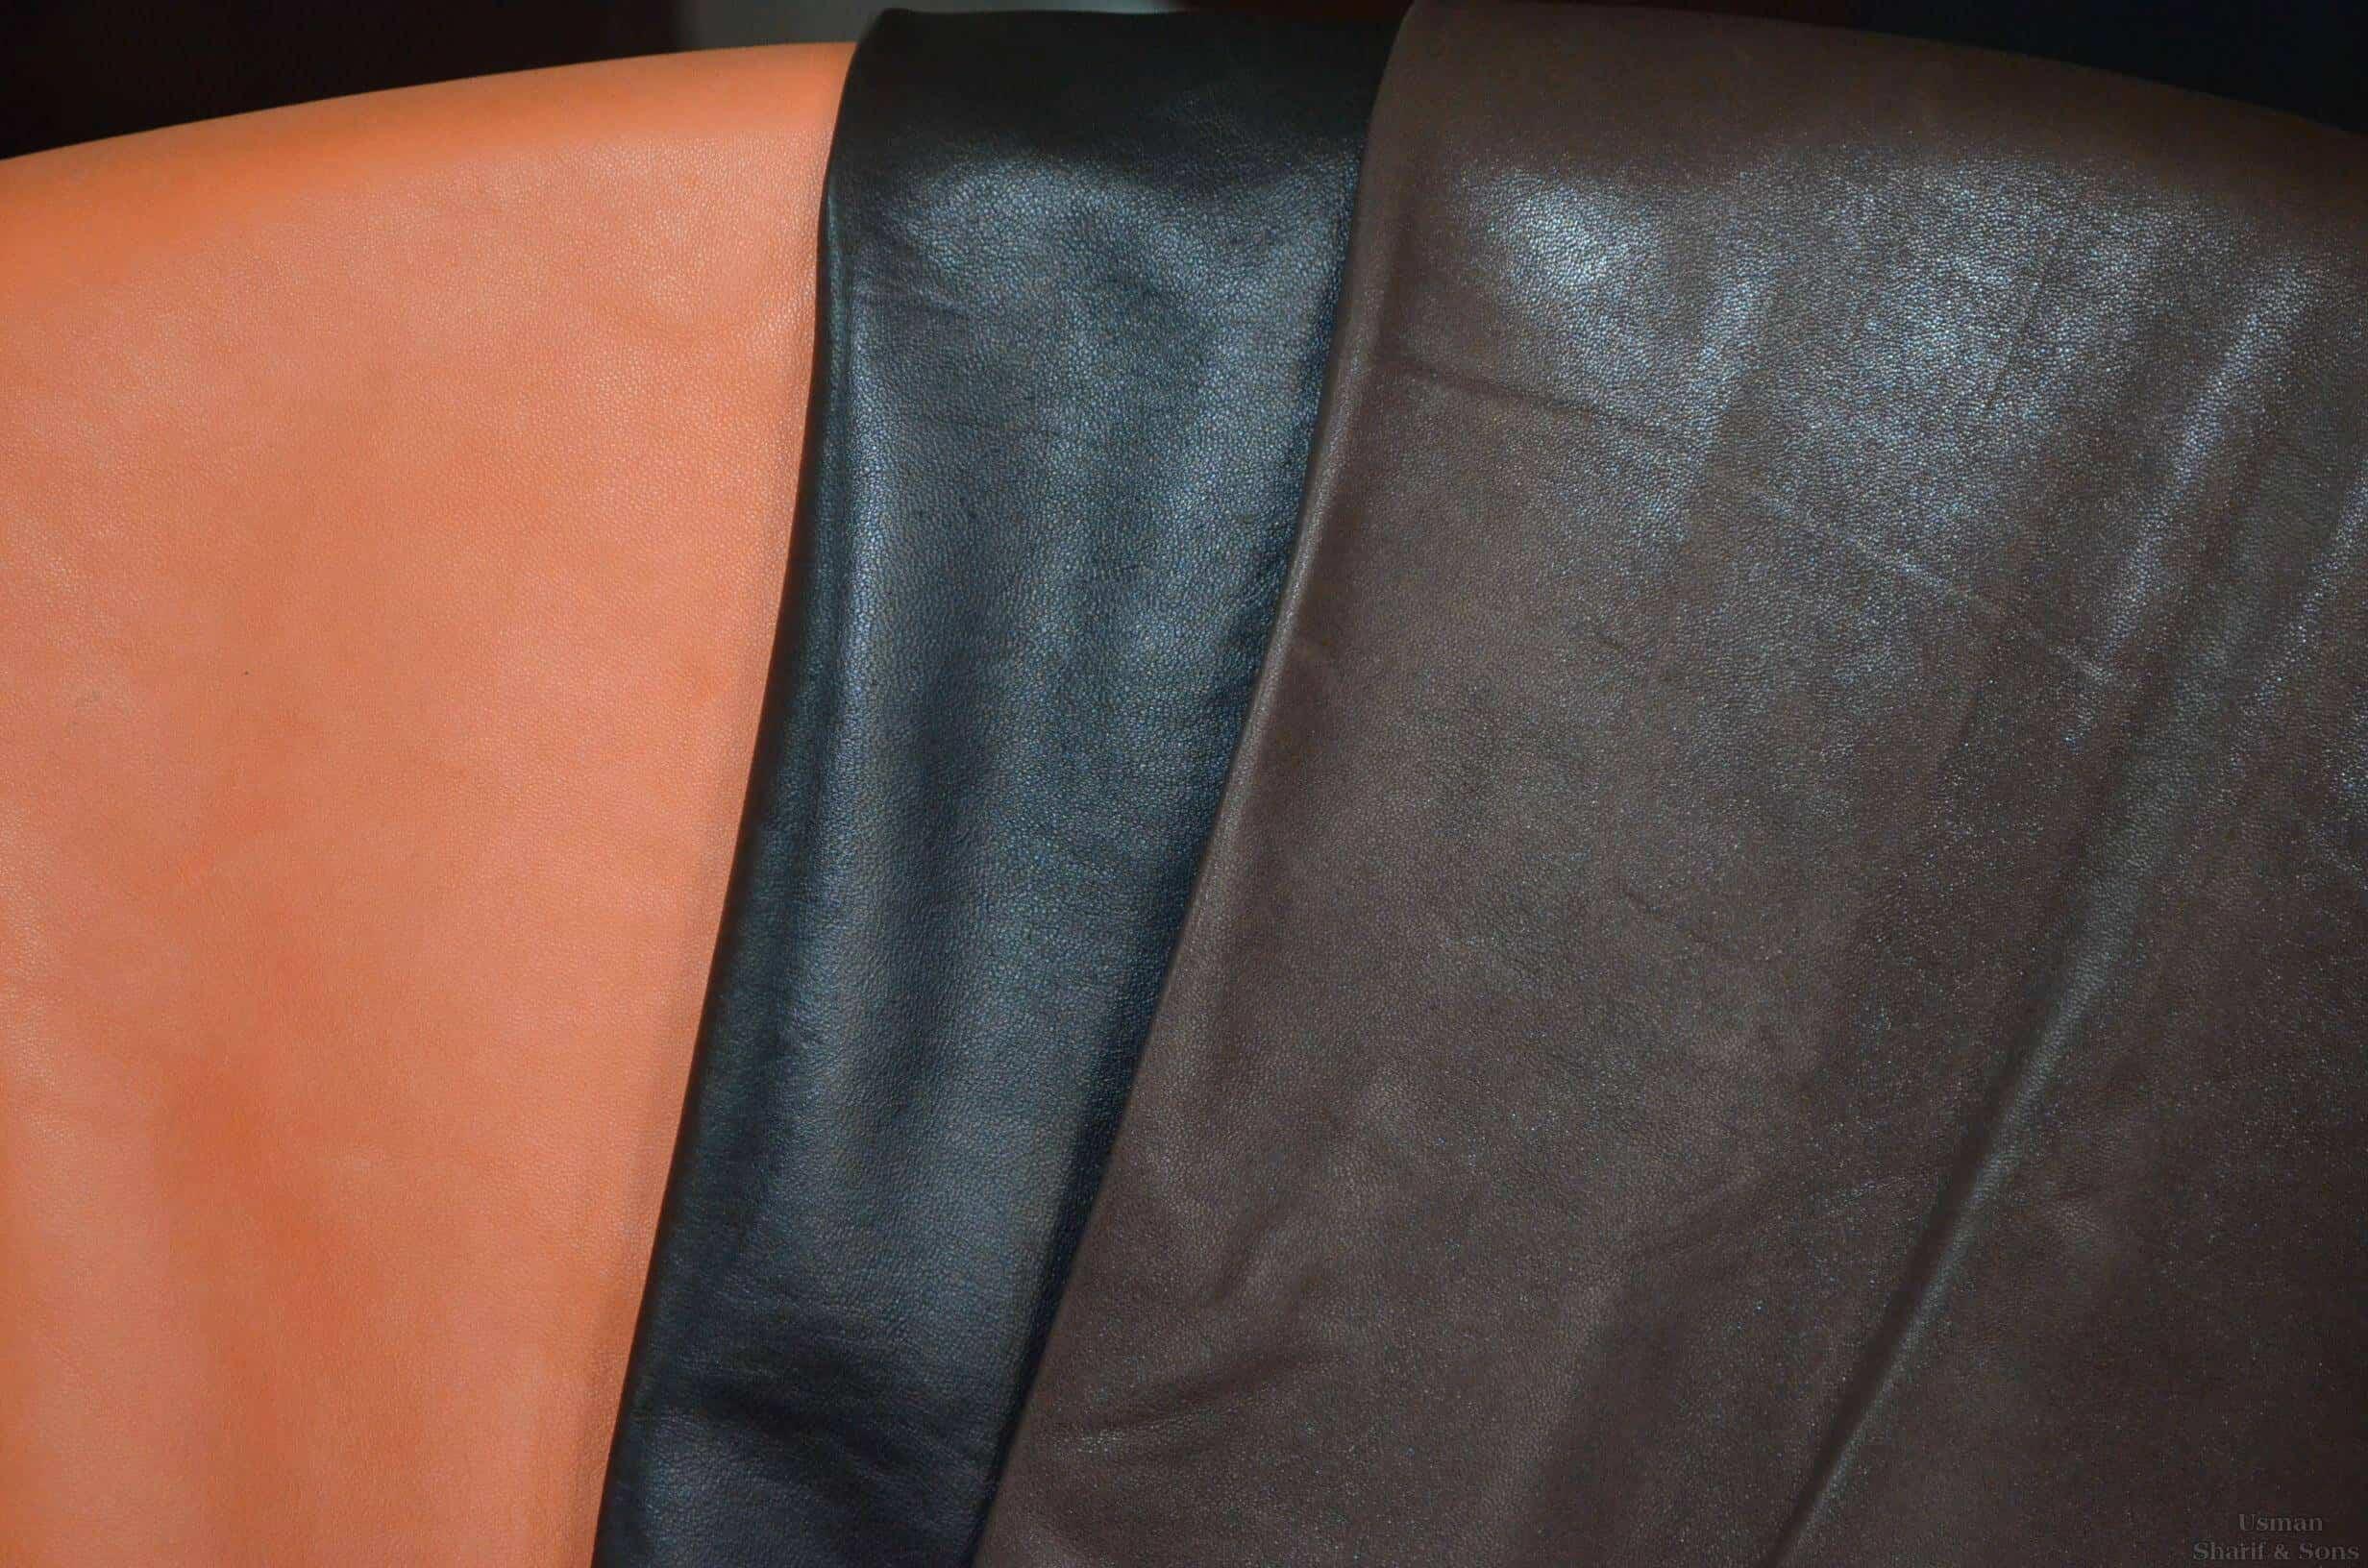 bahan jaket kulit jenis Nappa